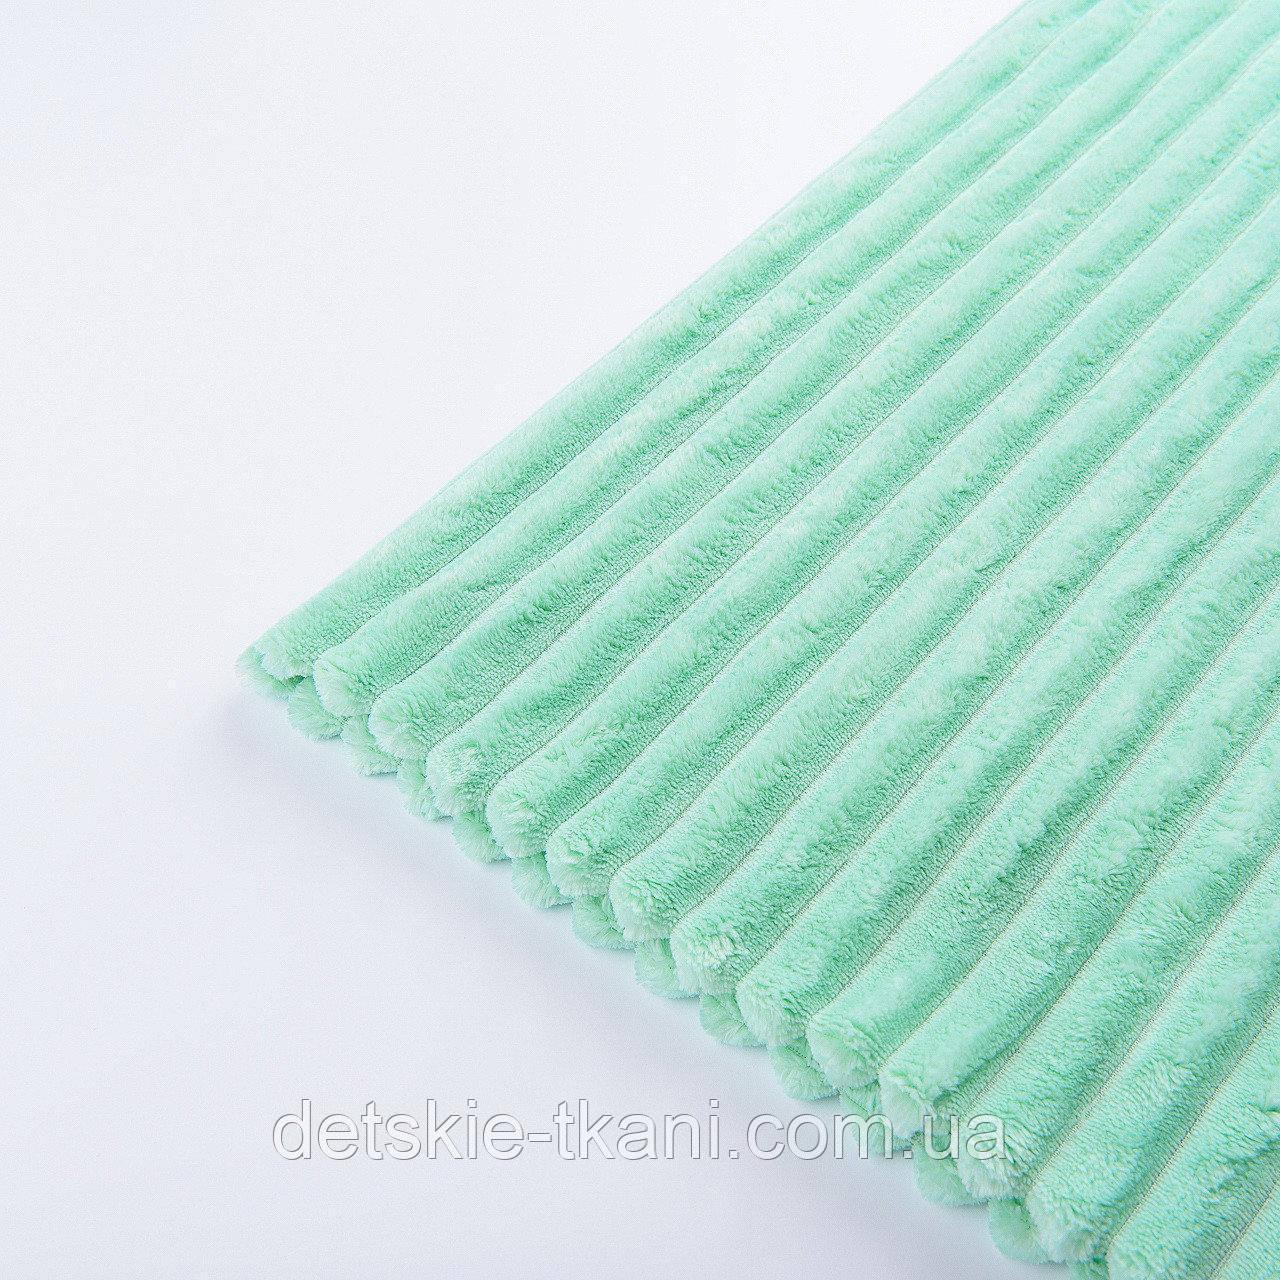 Лоскут плюша в полоску Stripes  мятного цвета с зеленоватым оттенком, размер 90*55 см